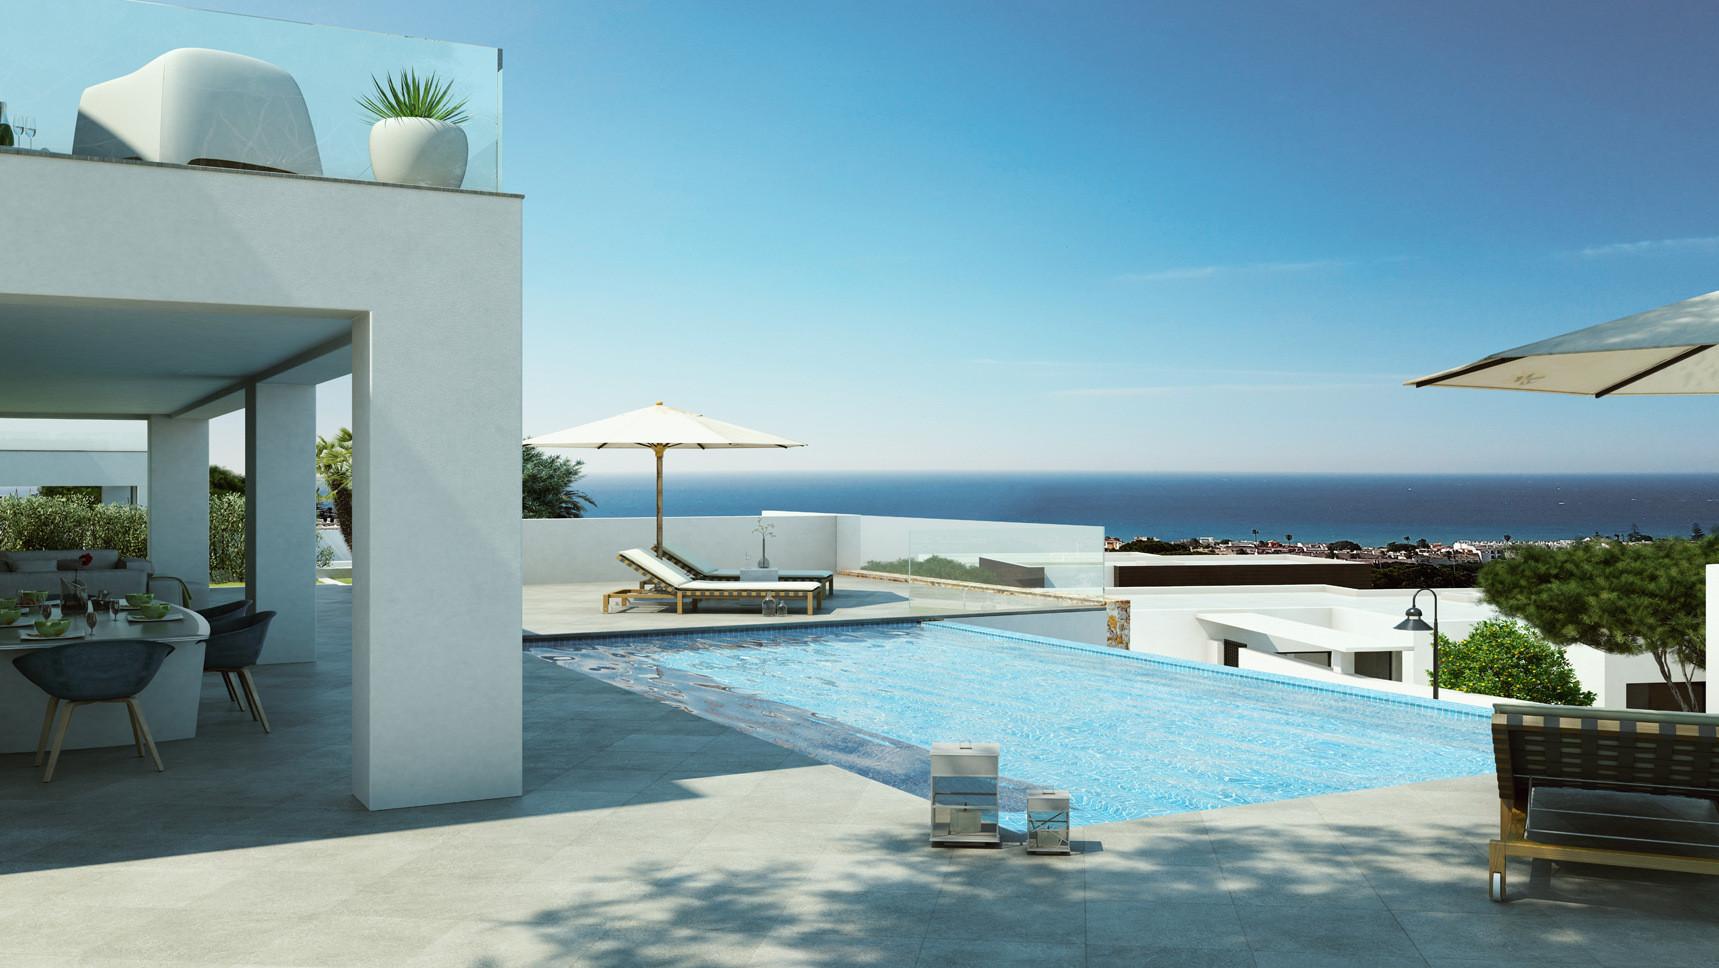 ARFA1260 - 58 moderne Wohnungen nahe Marbella bei Benahavis